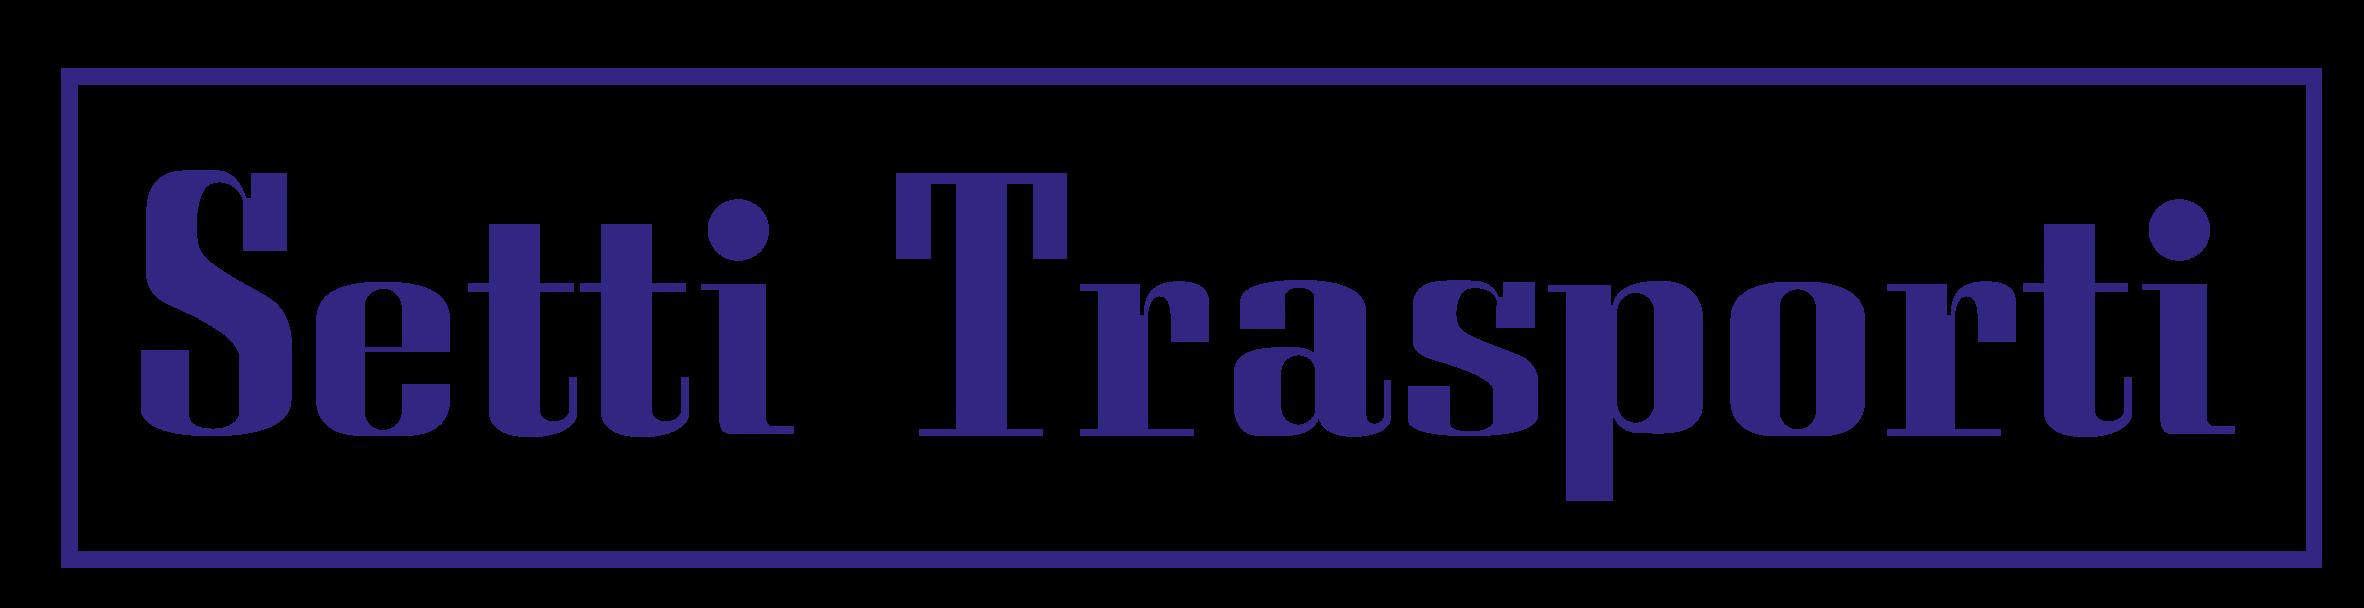 Setti Trasporti - European Services